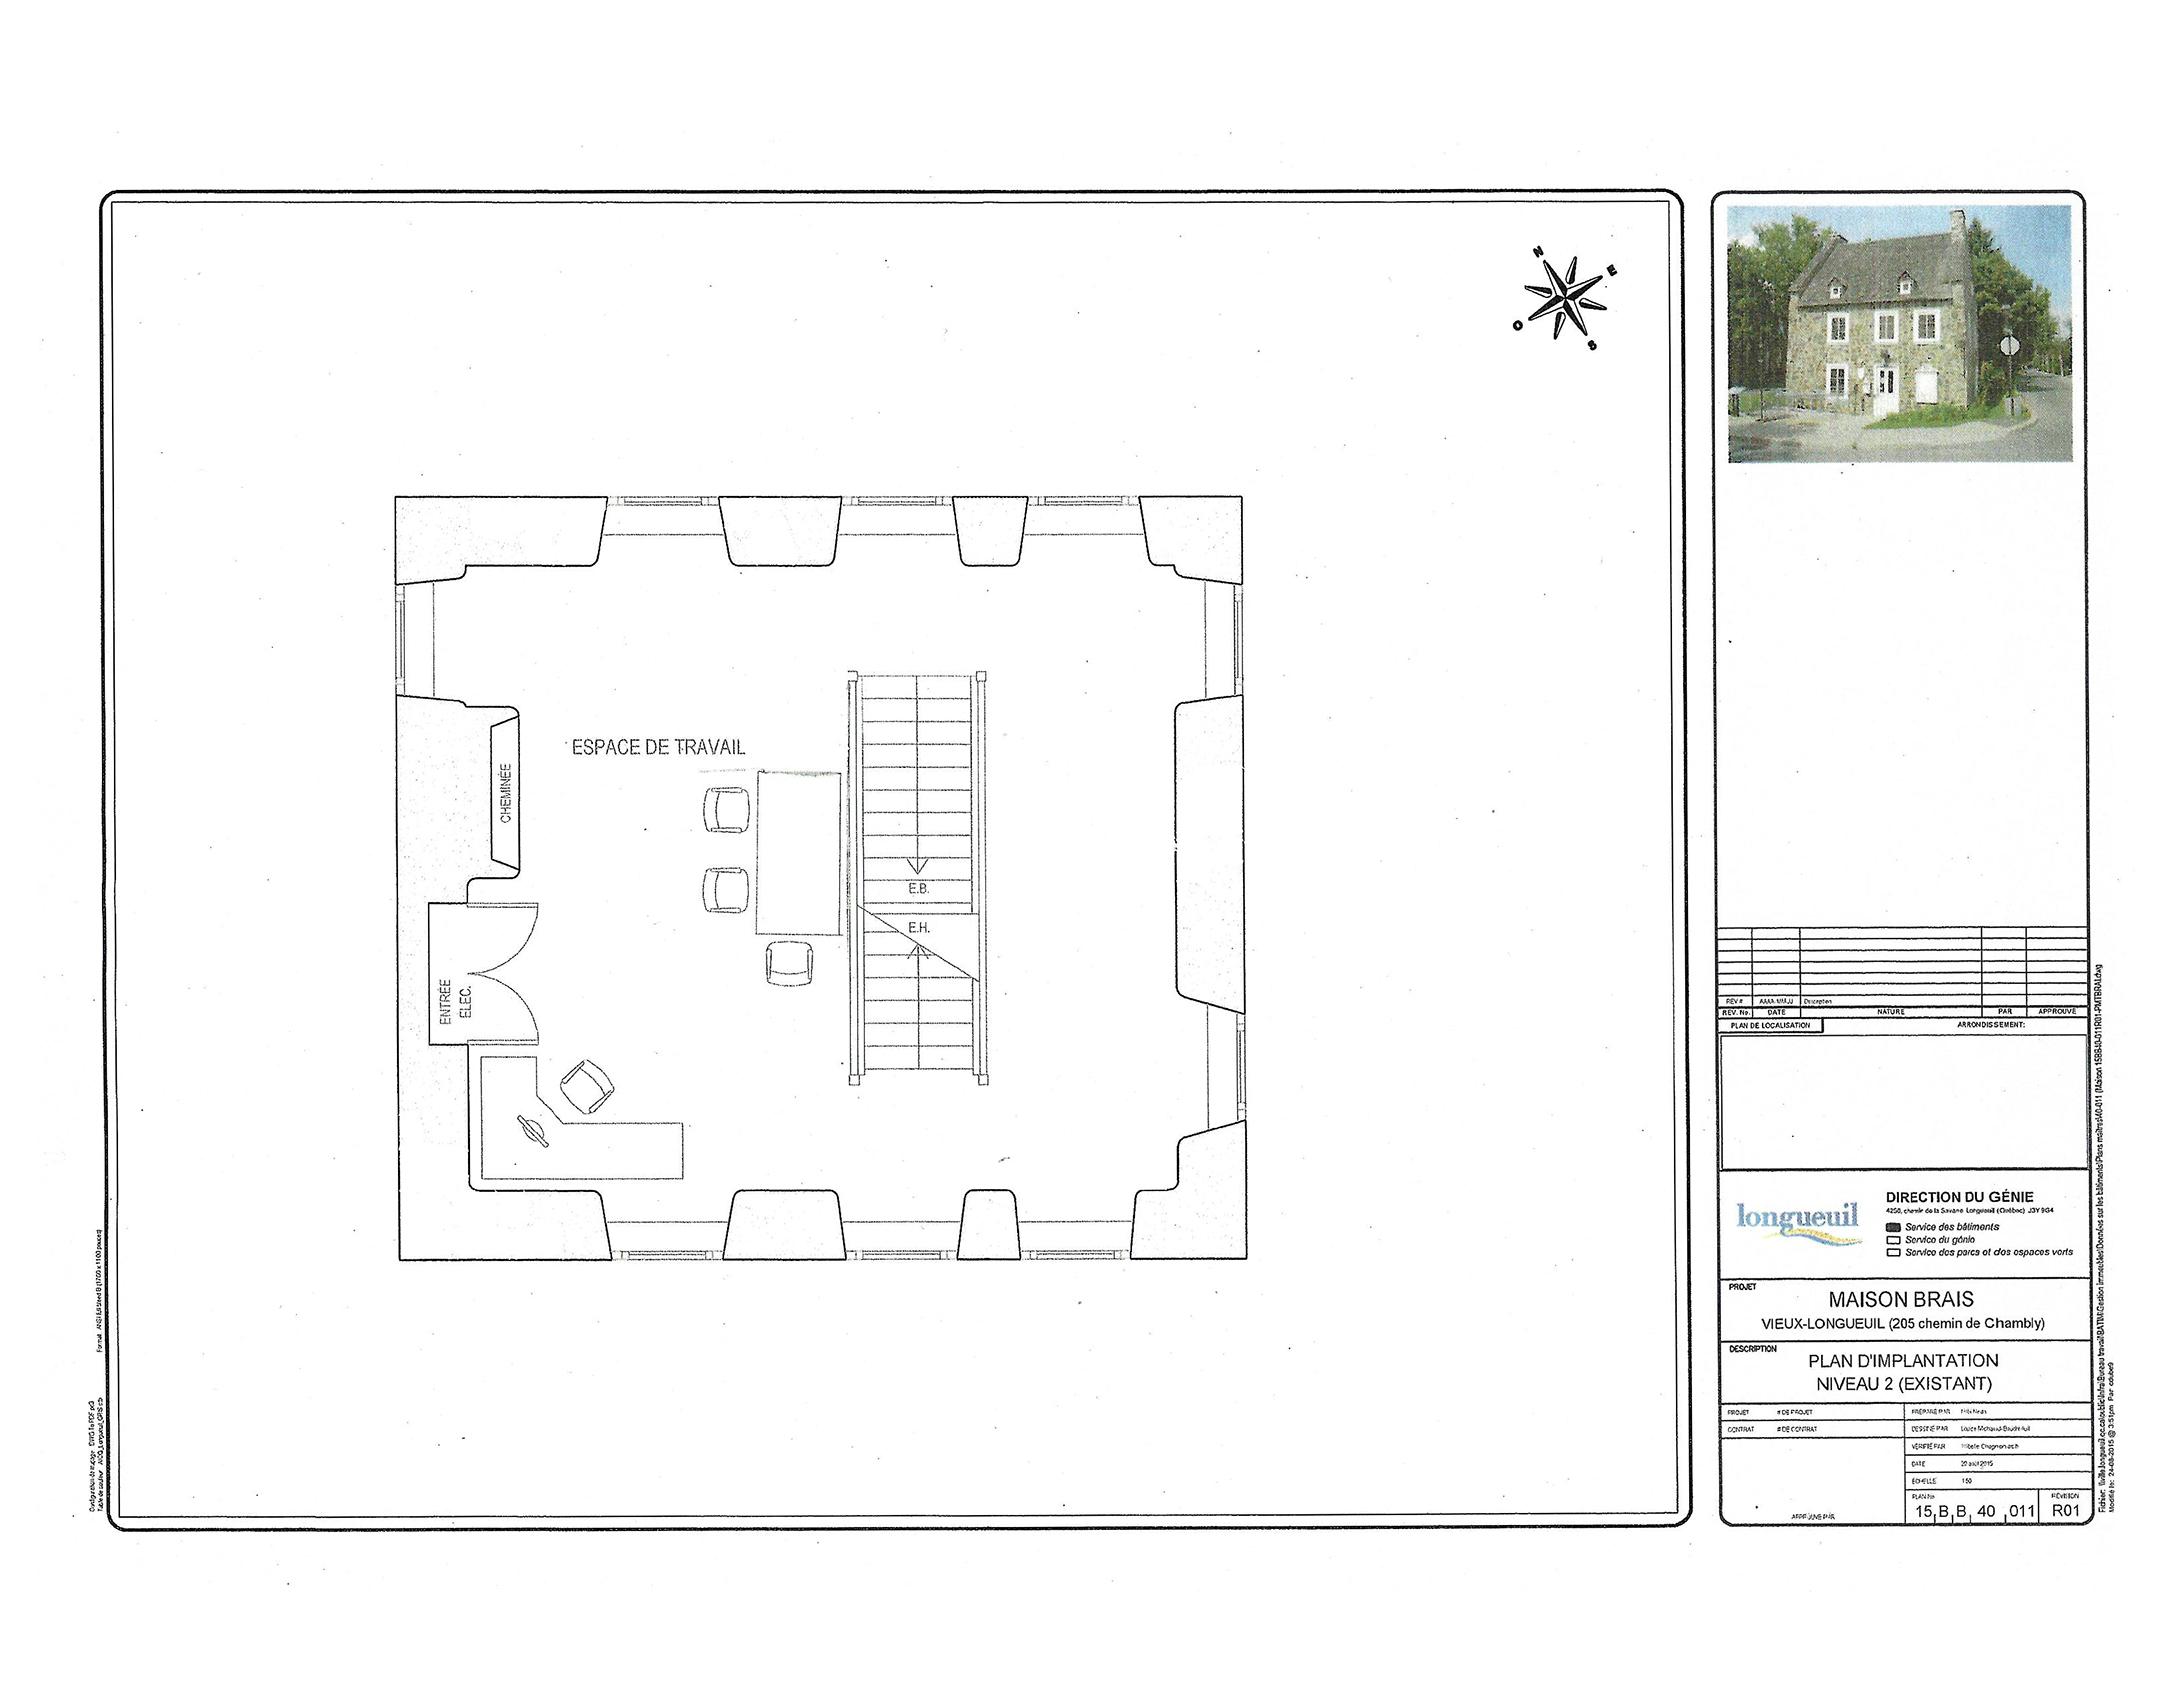 lieu de cr ation maison rollin brais pour artistes et organismes conseil des arts de longueuil. Black Bedroom Furniture Sets. Home Design Ideas